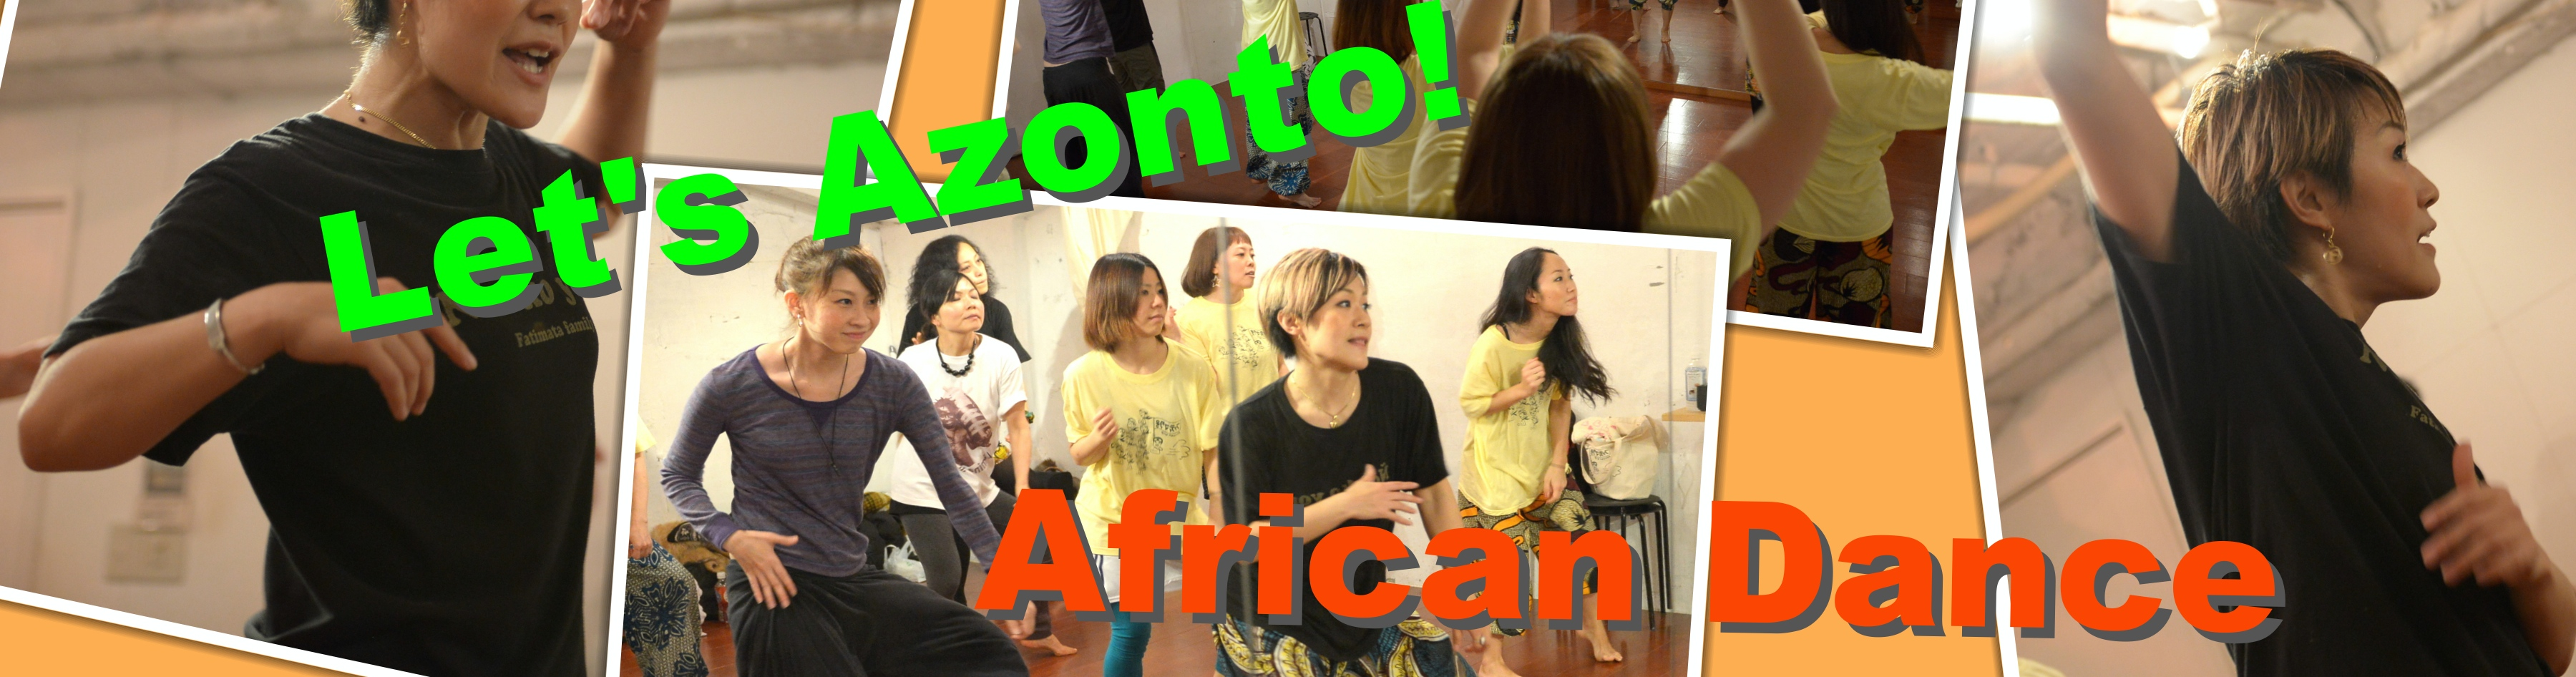 アフリカンダンス